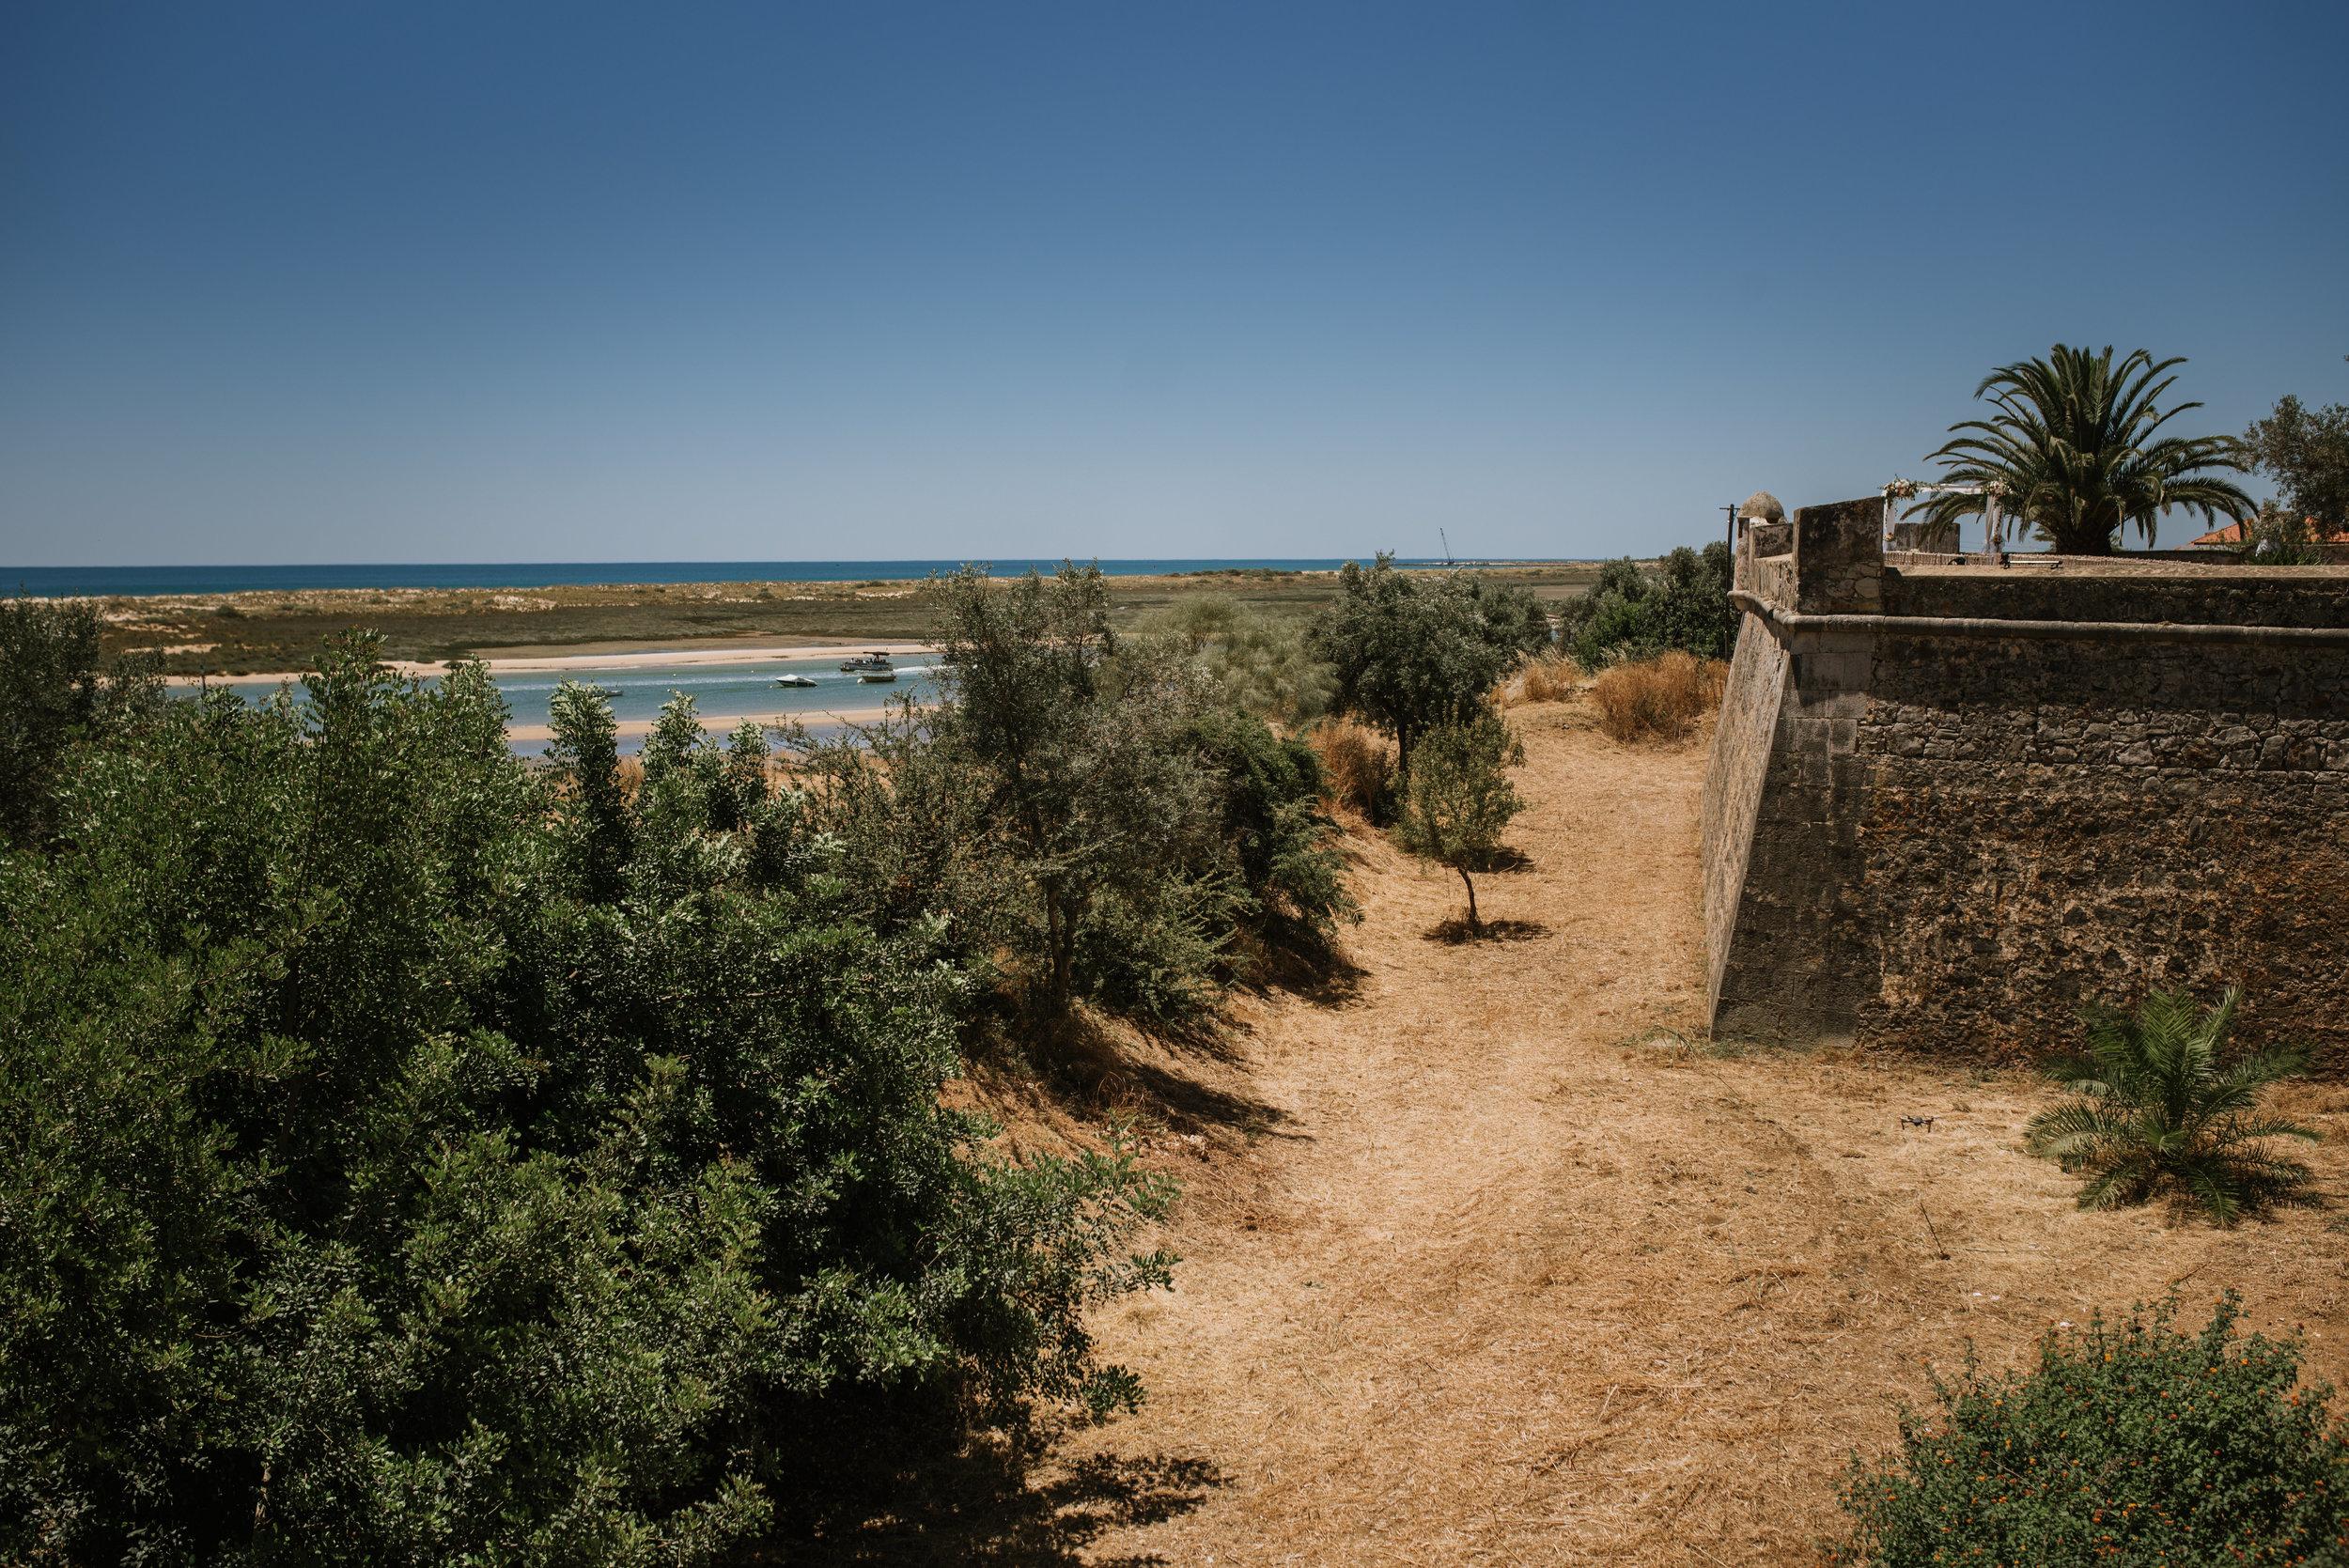 Forte São João da Barra in Cabanas de Tavira, Algarve, Portugal